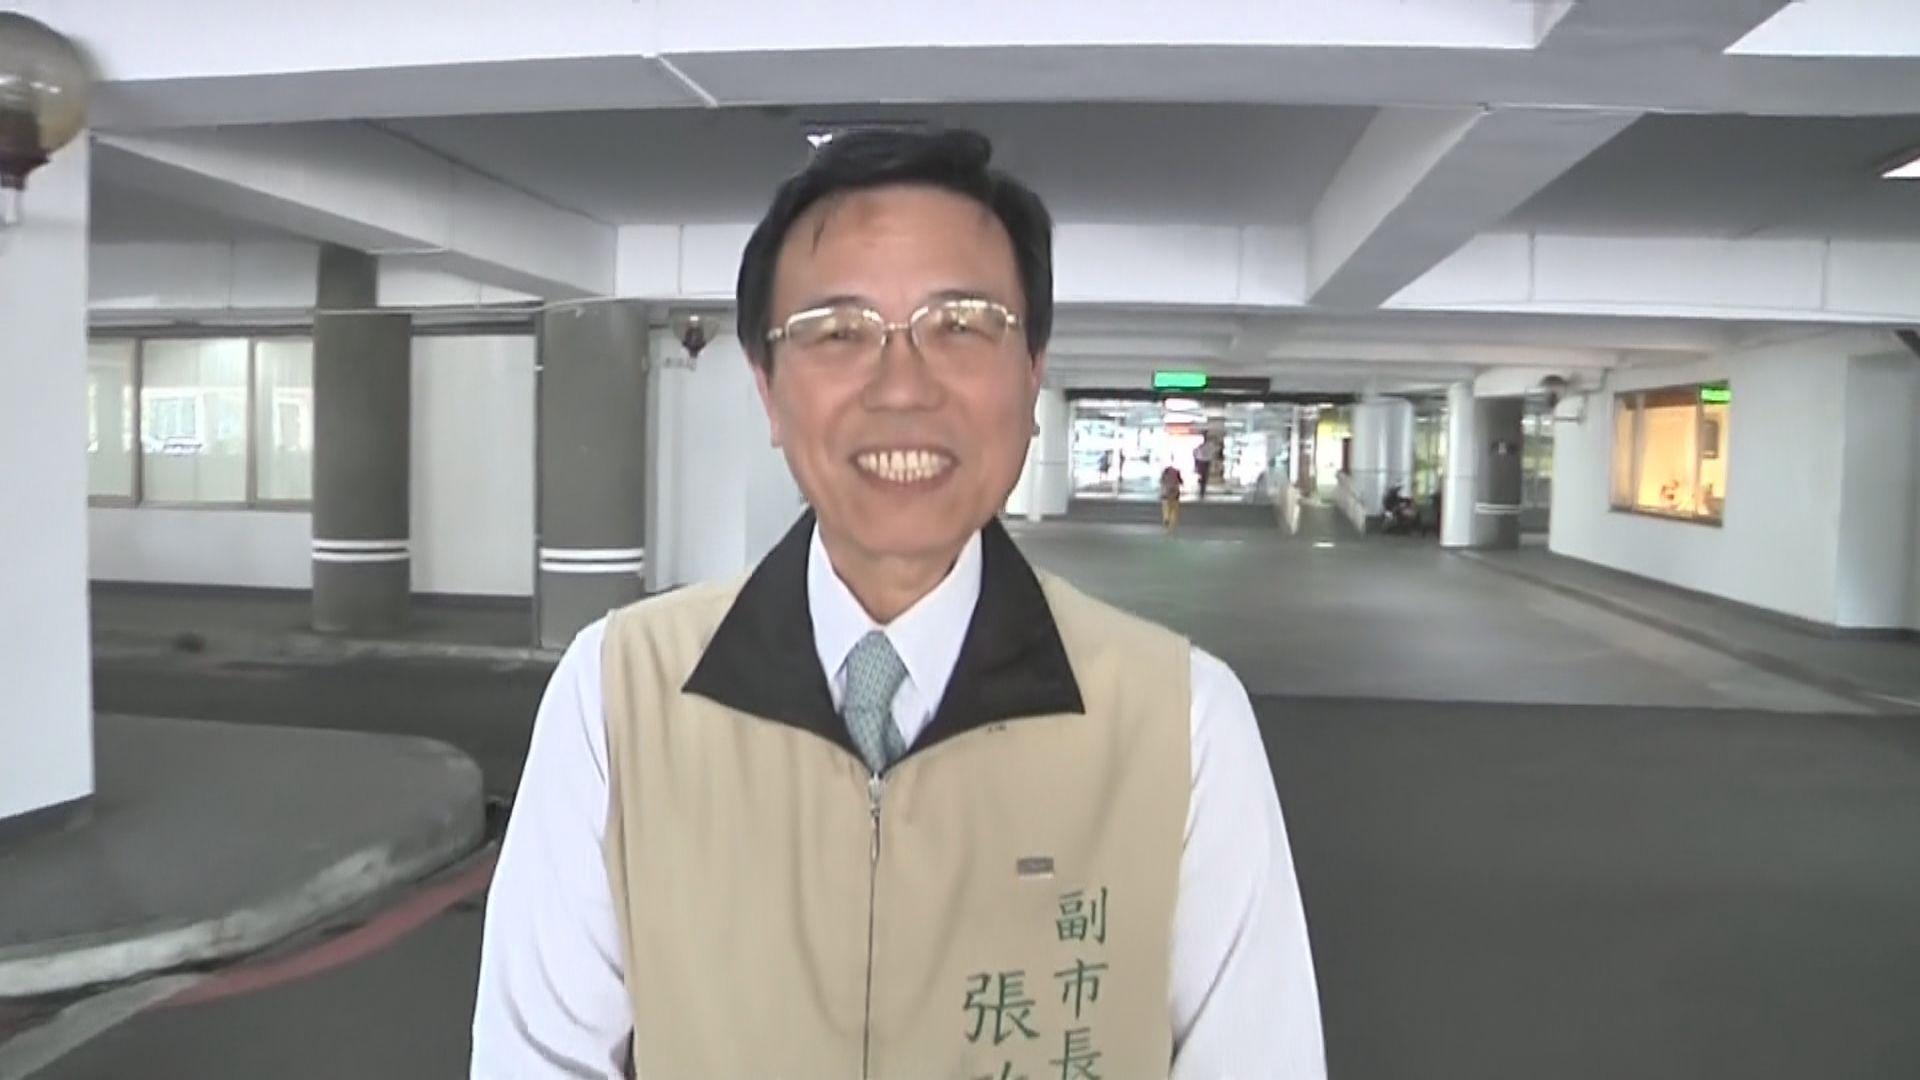 台鐵新局長承諾確保行車安全